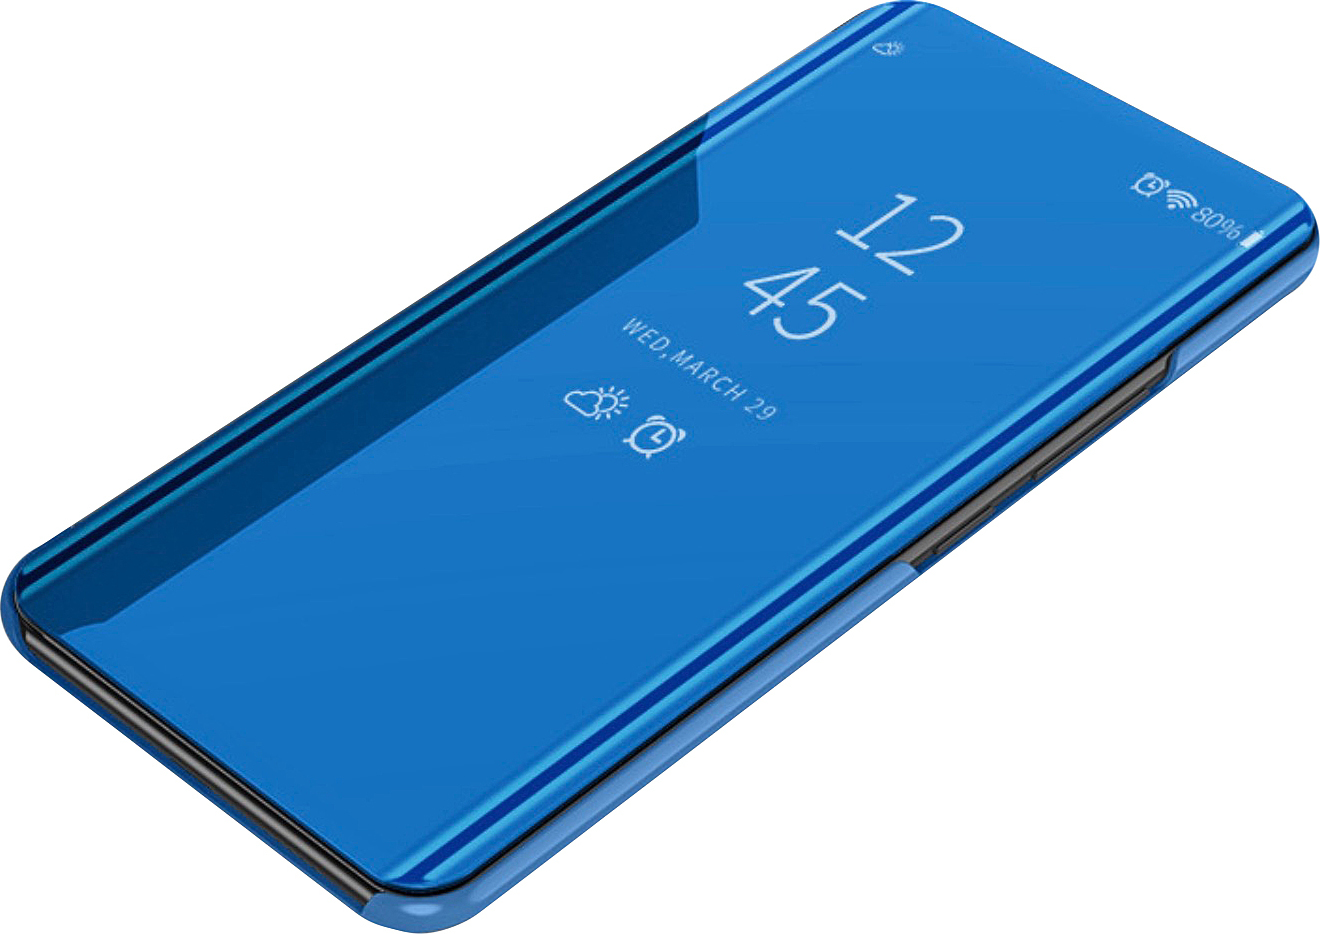 Чехол-книжка MyPads для Huawei Honor 8A/Huawei Y6 (2019)/ Honor 8A Pro/ Y6 Prime 2019 умный активный с функцией включения и блокировки экрана полупрозрачный с зеркальной поверхностью синий